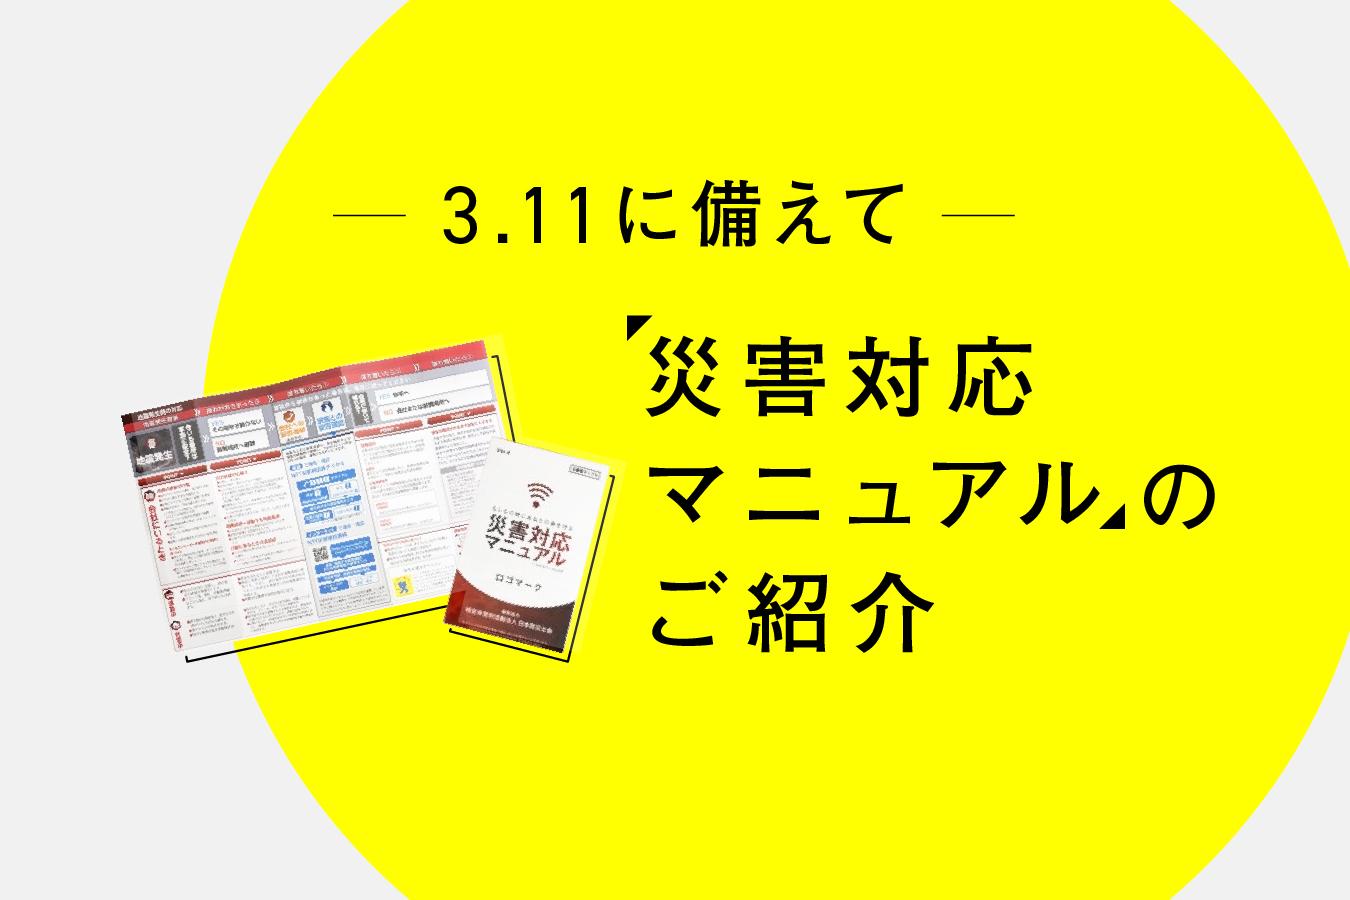 【改めて防災意識の見直しを】災害対応マニュアルのご紹介